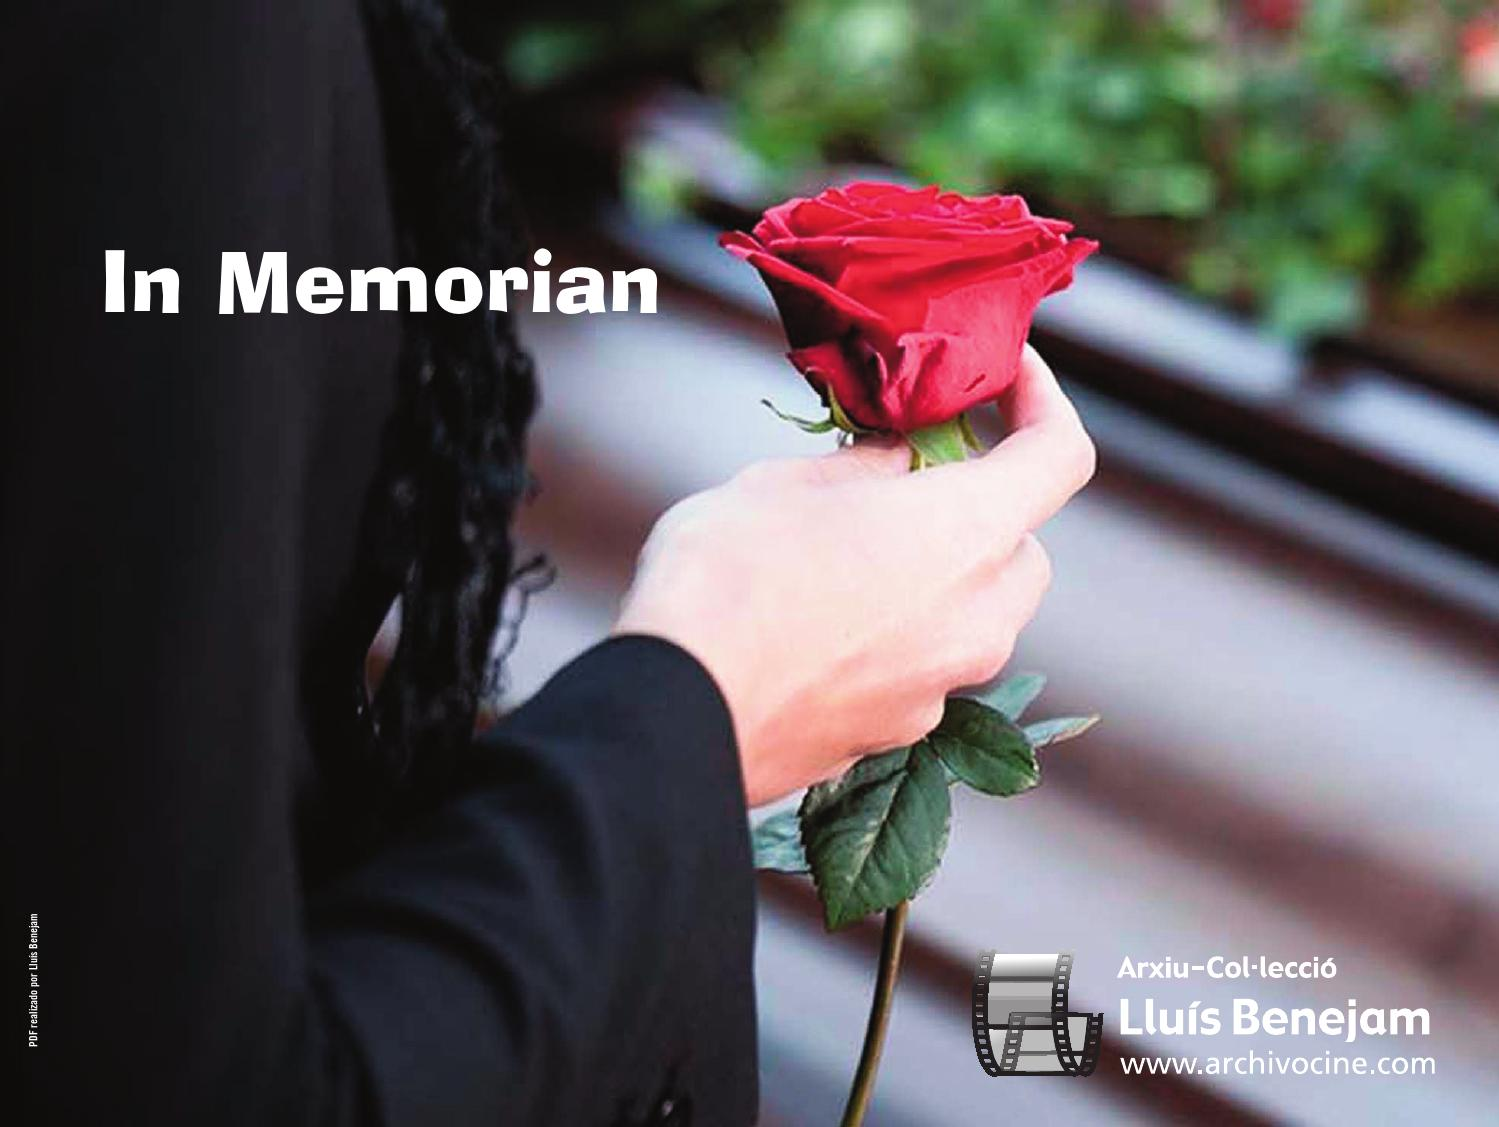 Artistas De Memoriam Cine In Cine De In Artistas 4AR5jL